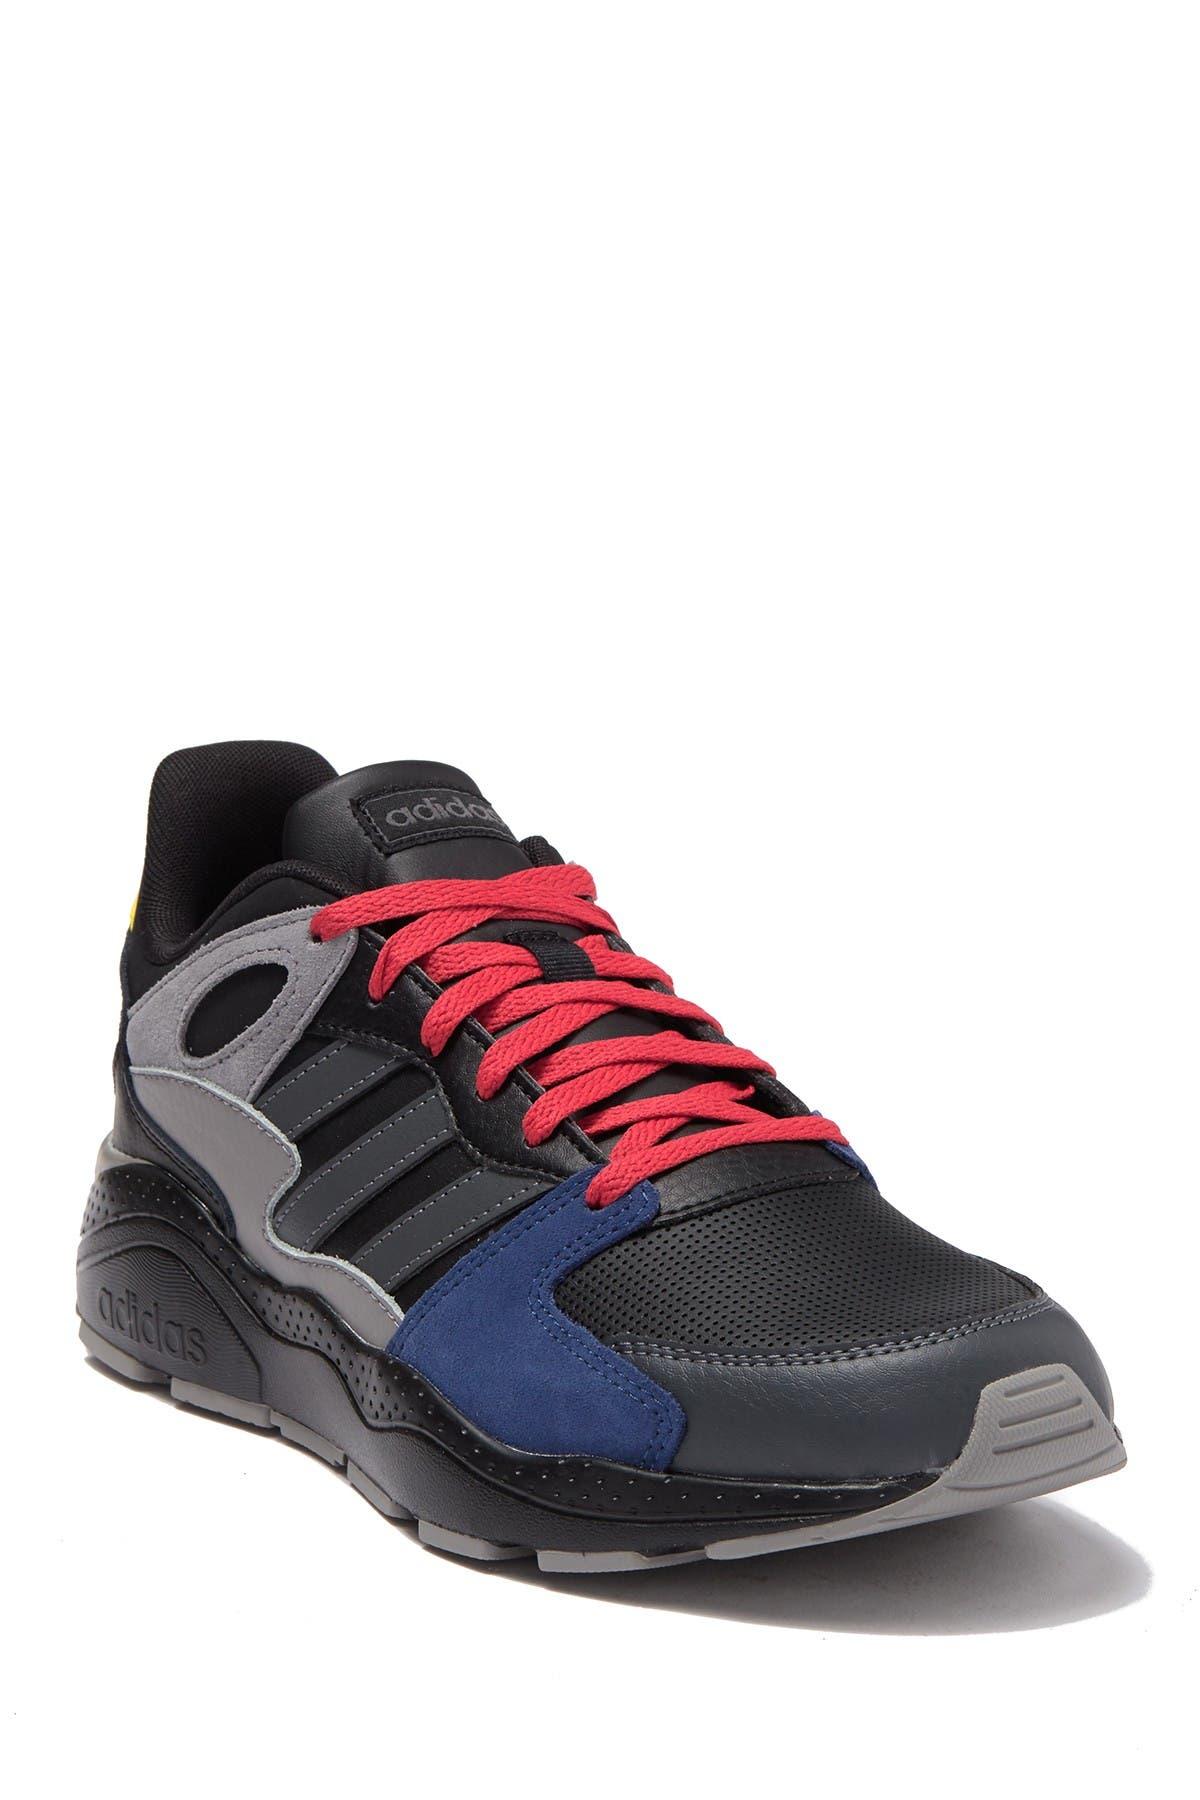 adidas | Crazy Chaos Sneaker